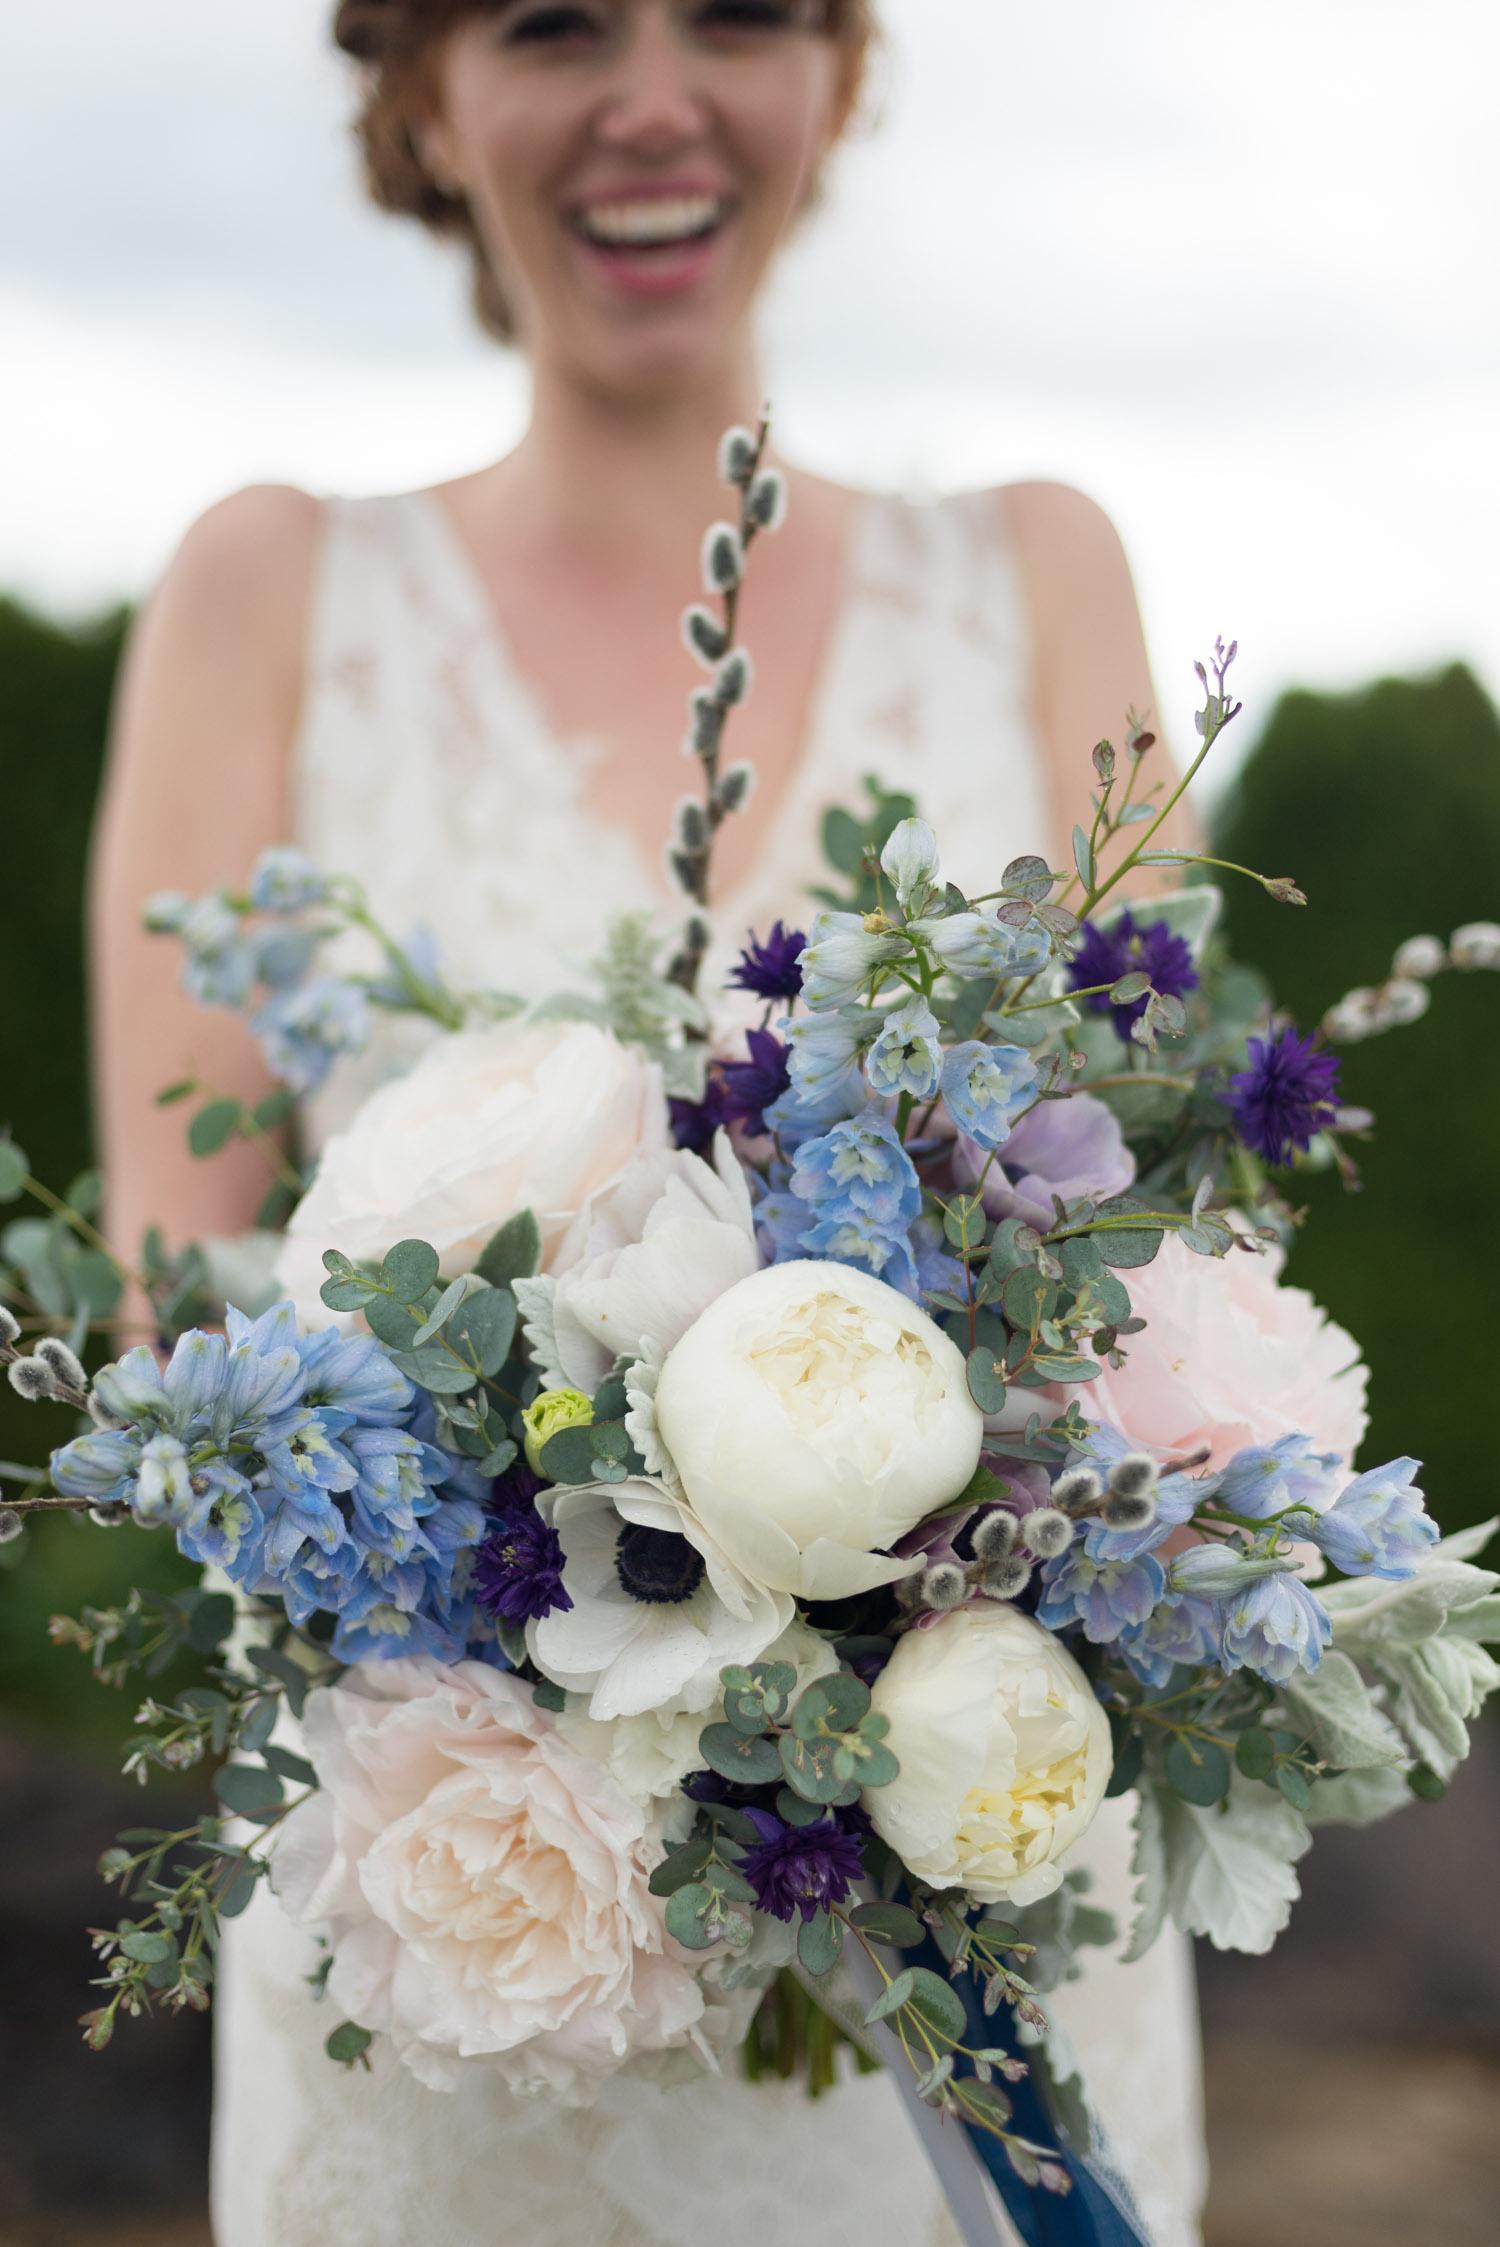 Pacific Northwest Bridal Bouquet